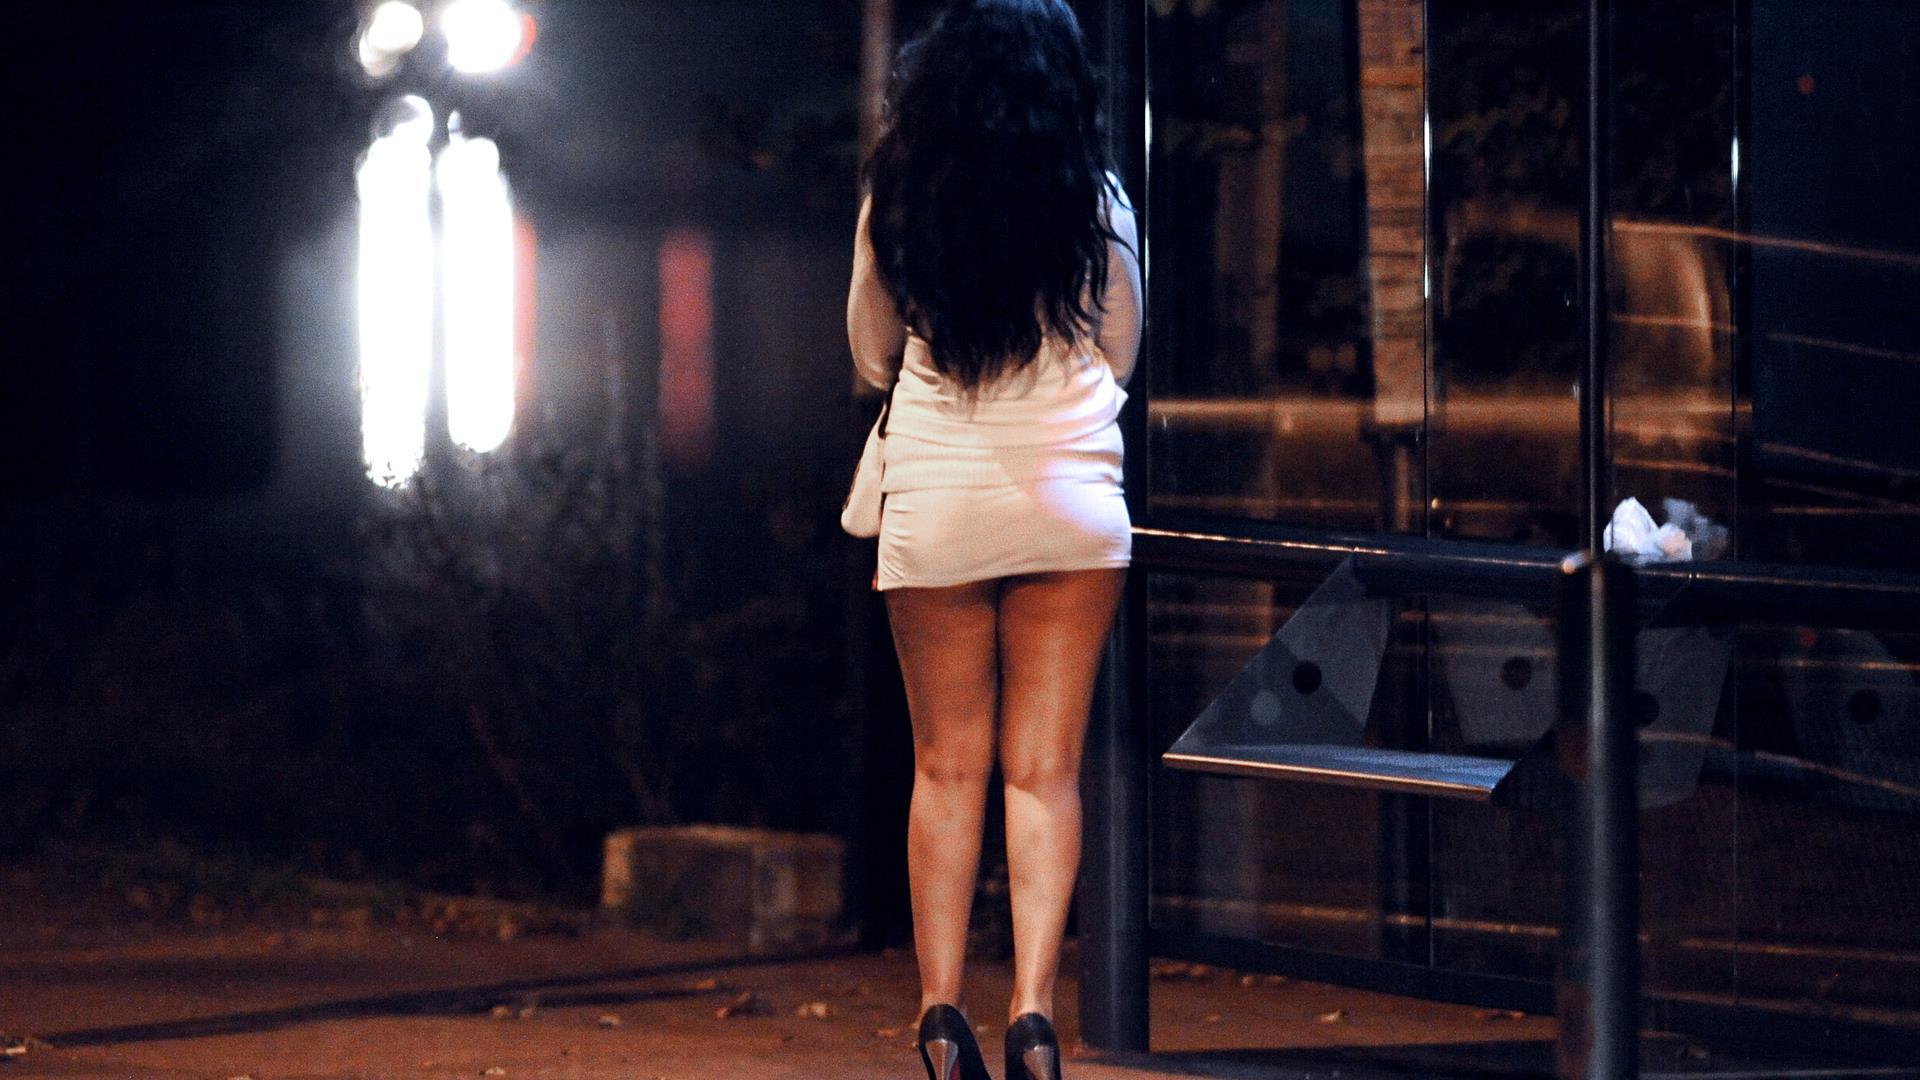 giochi di sesse prostituzione a roma